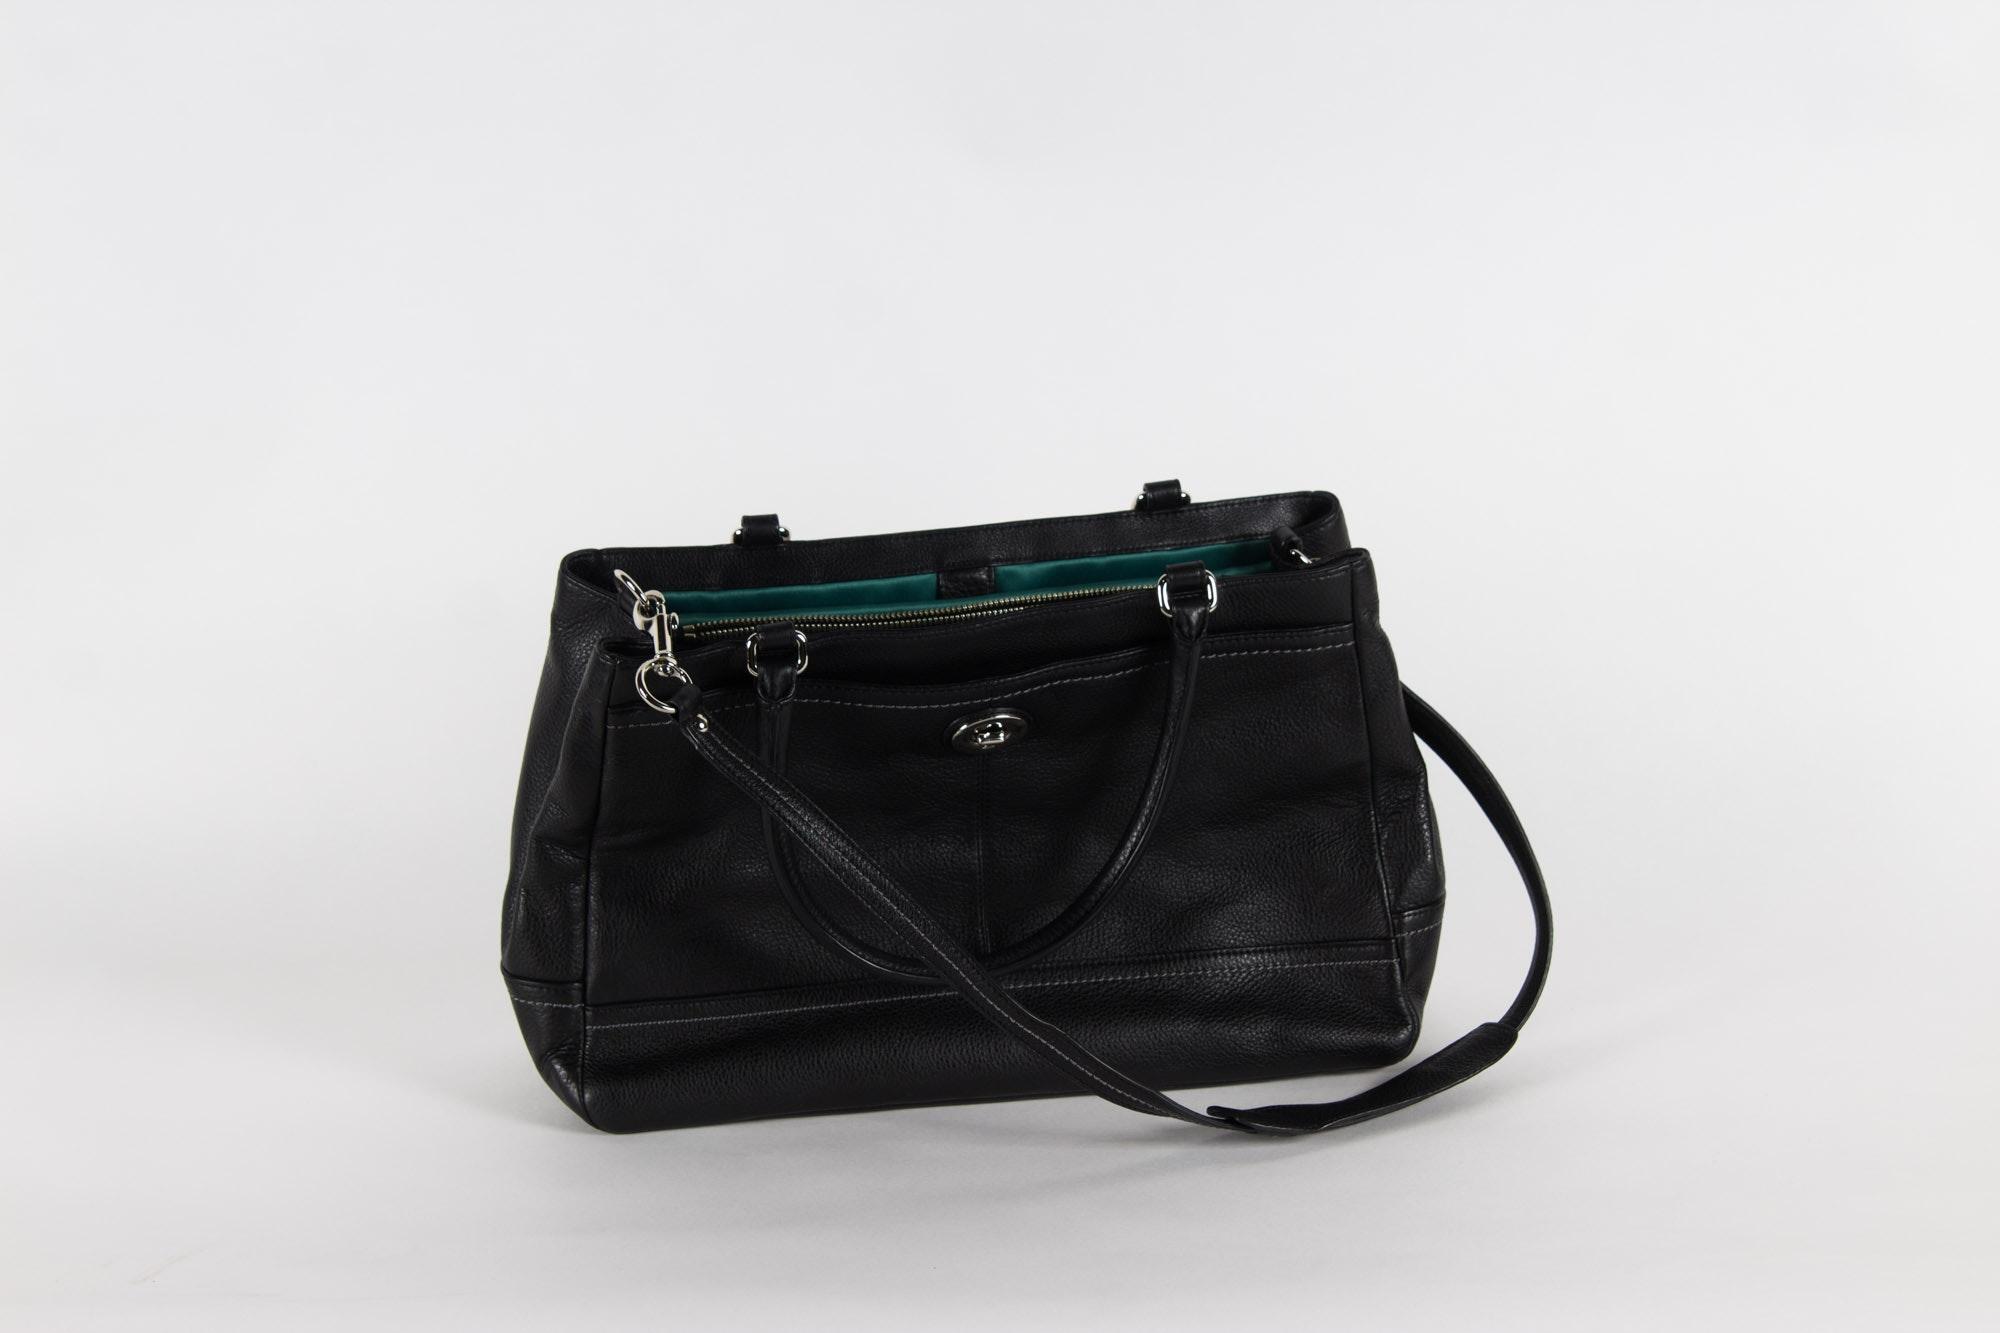 Coach Park Leather Large Carryall Handbag